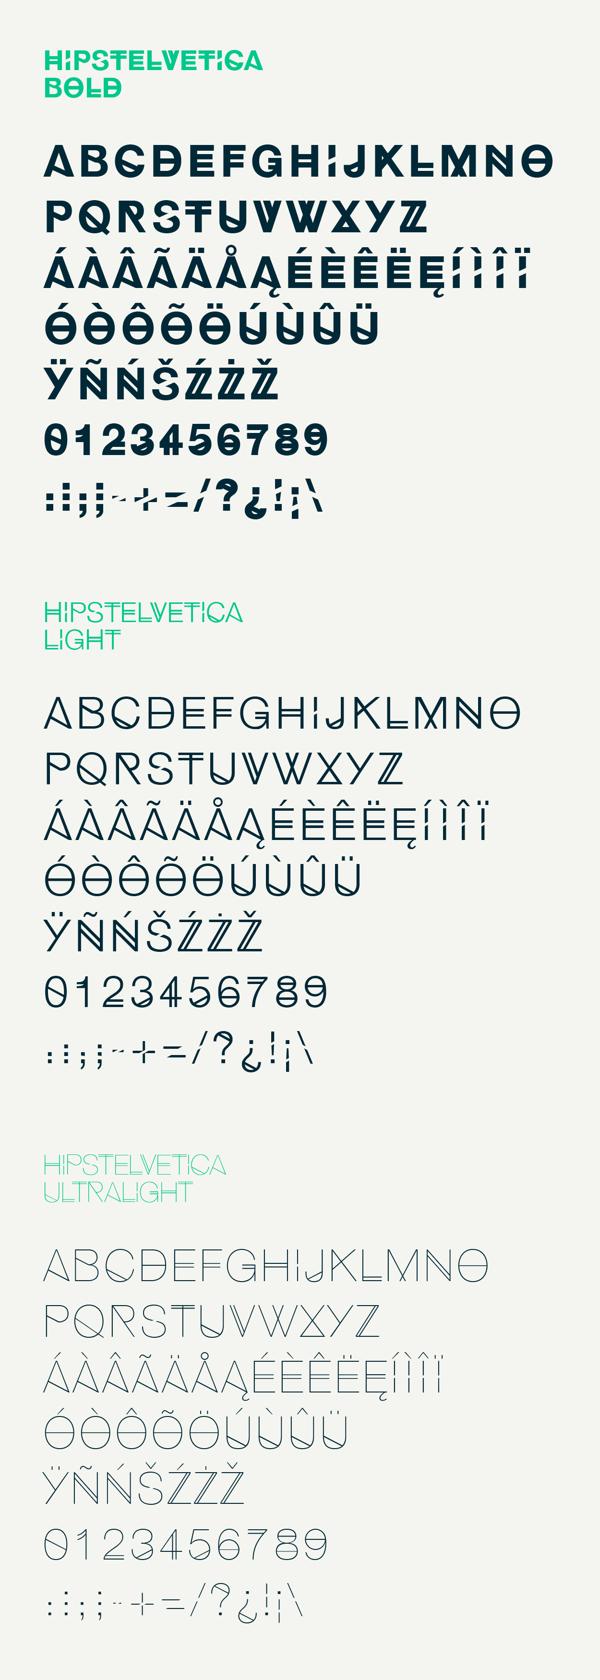 Hipstelvetica es la fuente gratuita, basada en la esencia de la fuente Helvetica y en el estilo retro de los hipsters, creada por José Gomes.